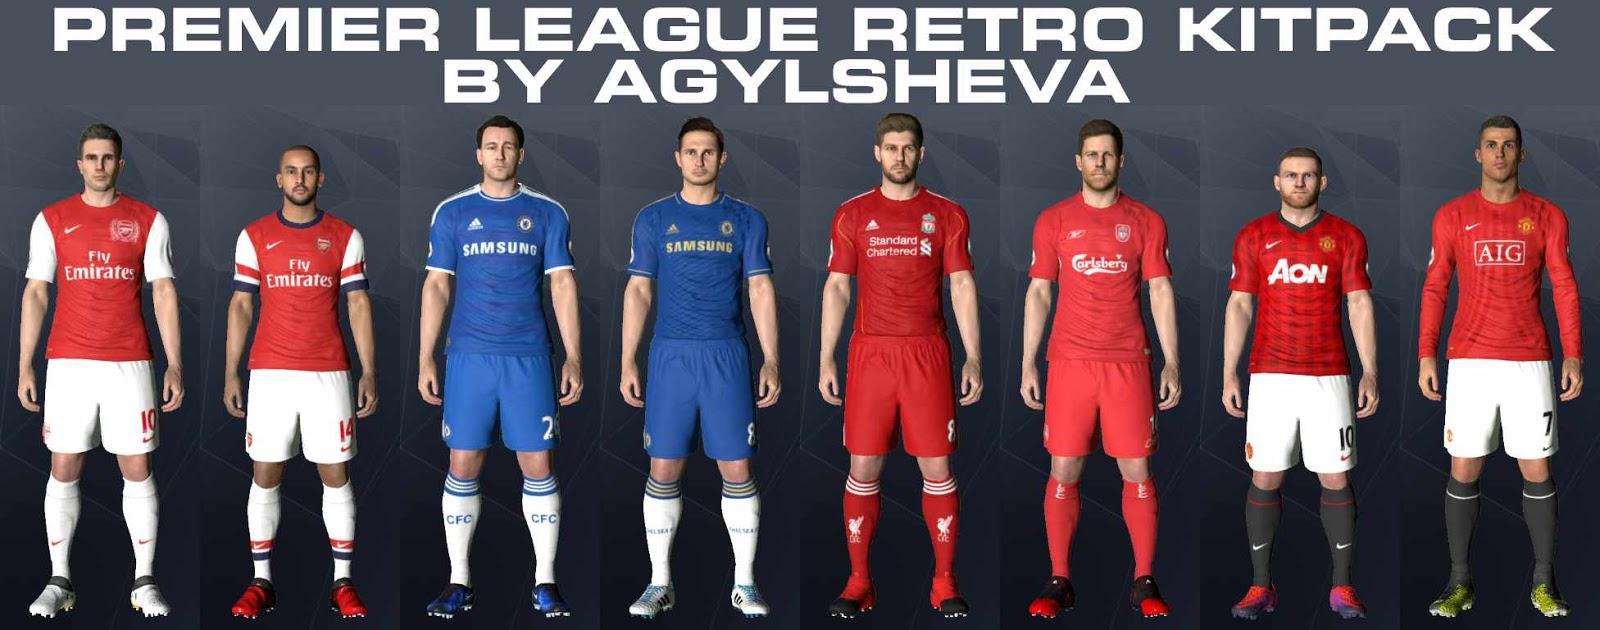 85de48ac414 PES 2017 Premier League Retro Kits-Pack